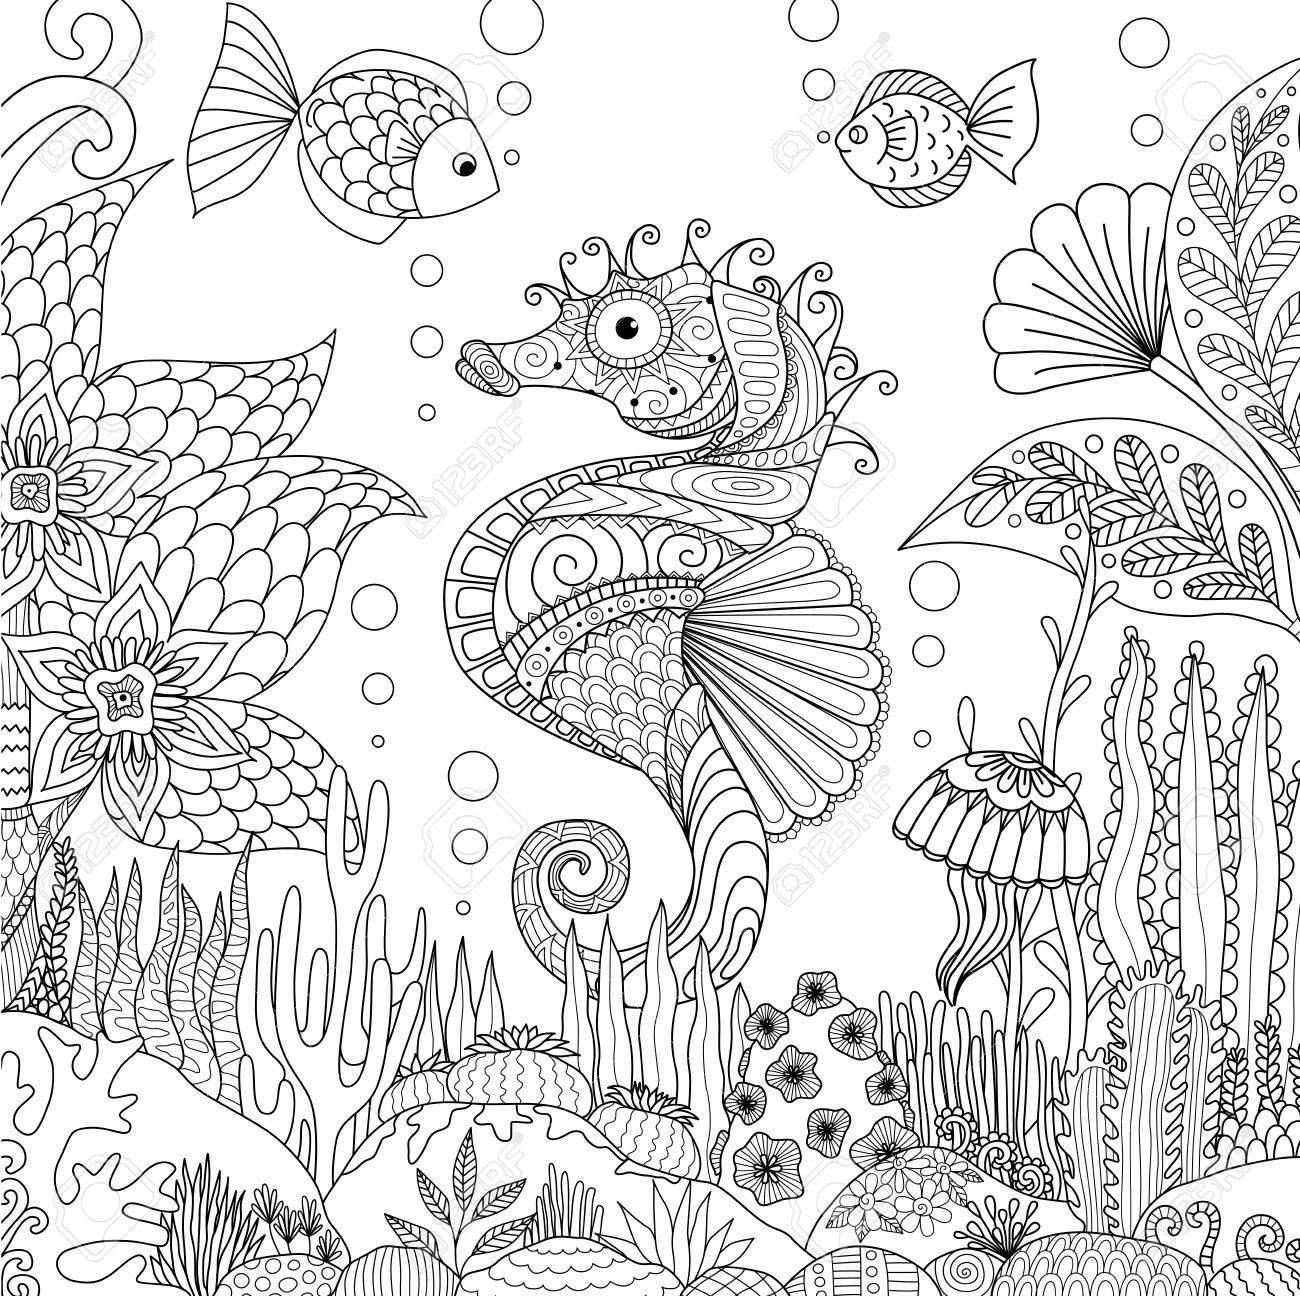 Zendoodle Diseño De La Natación Caballito De Mar Bajo El Océano Está ...